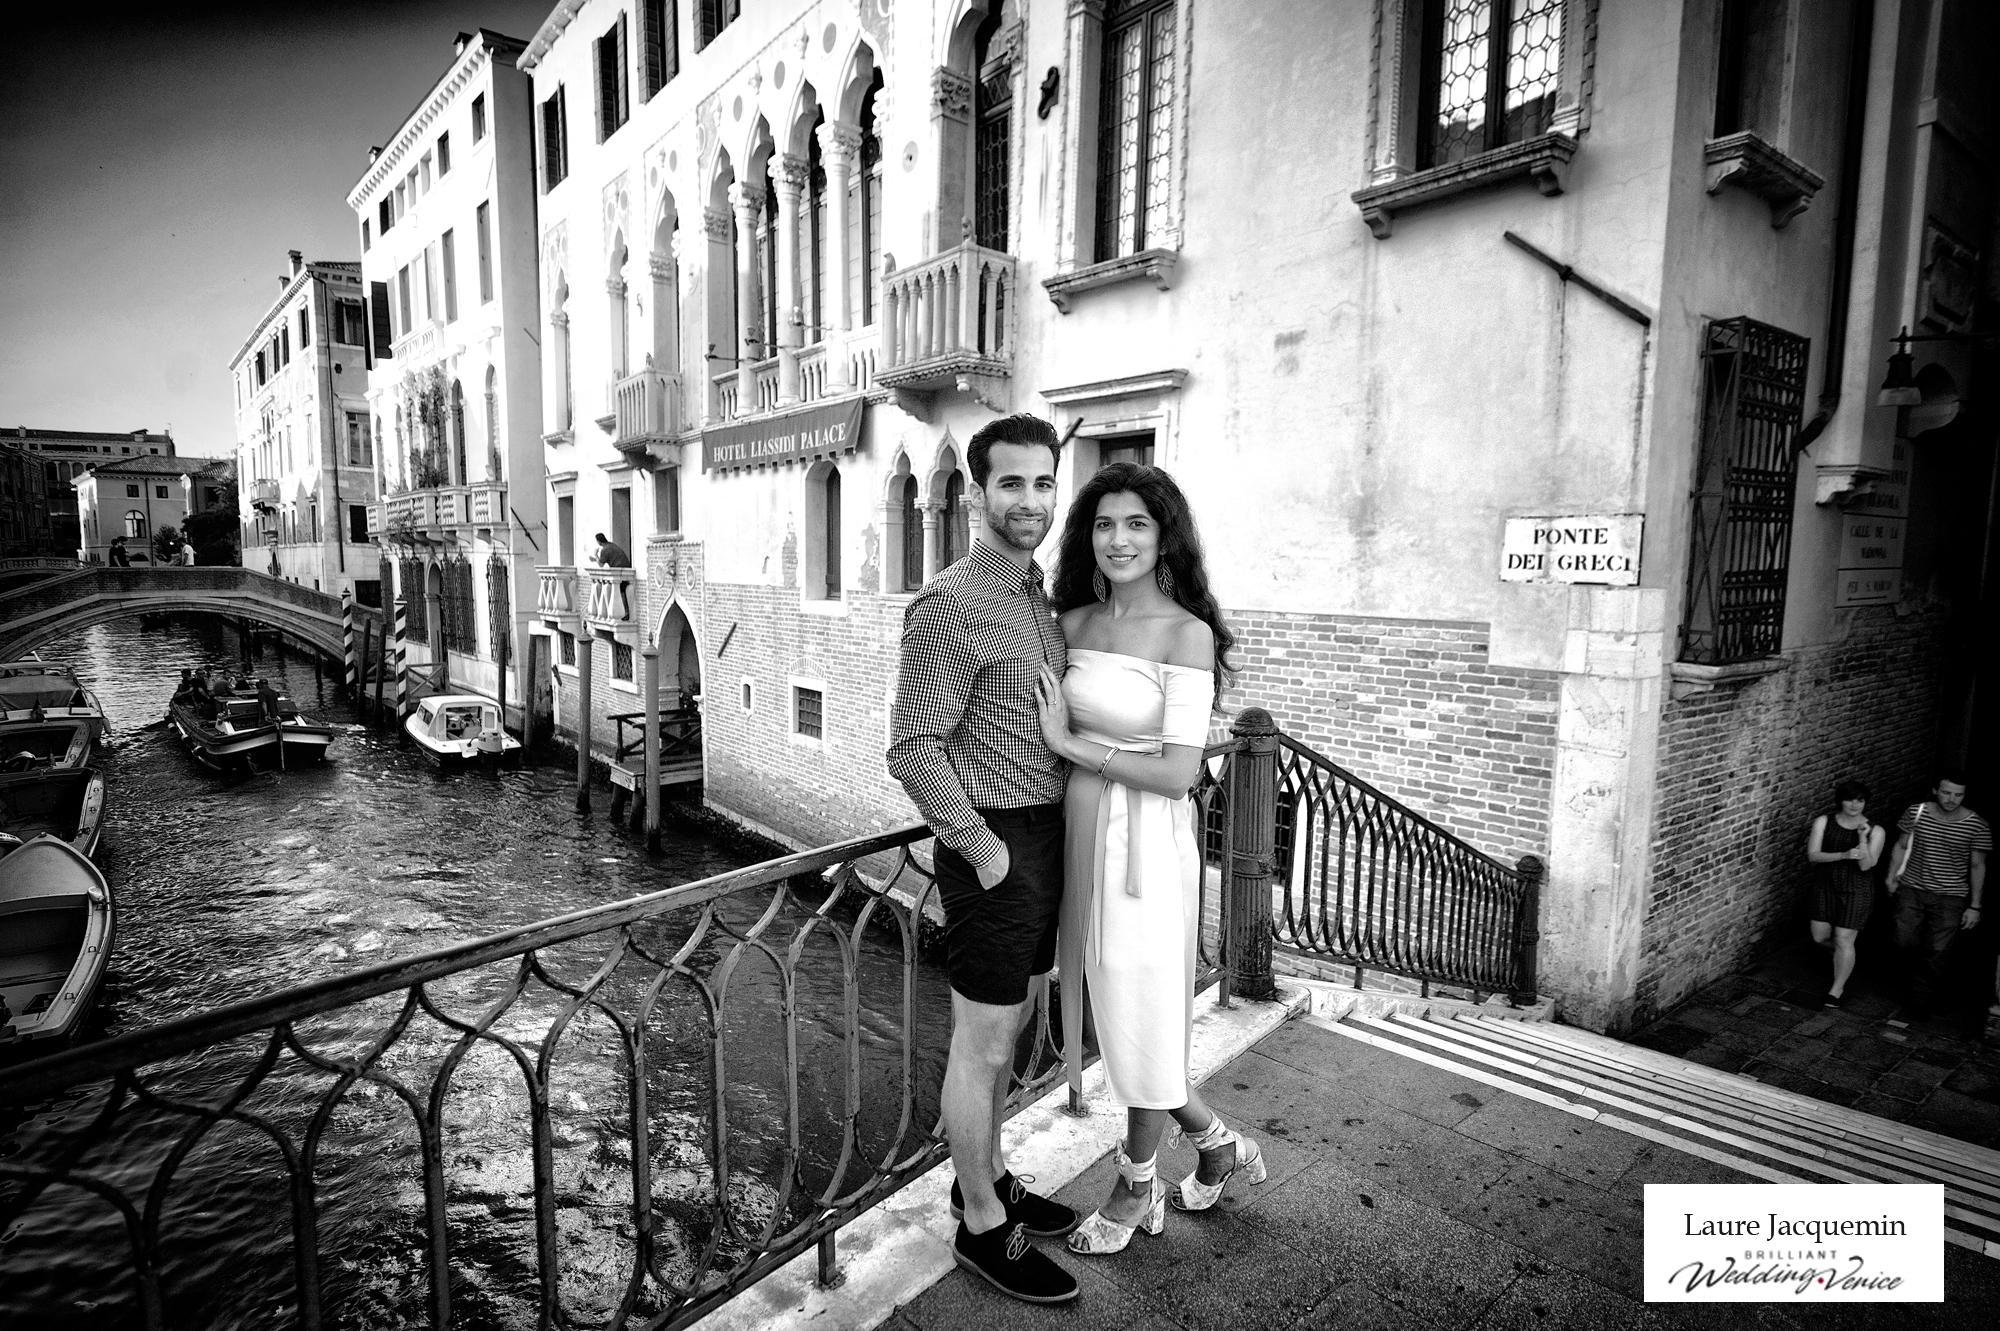 venise gondole banner fiancaille photographe demande mariage laure jacquemin (44)